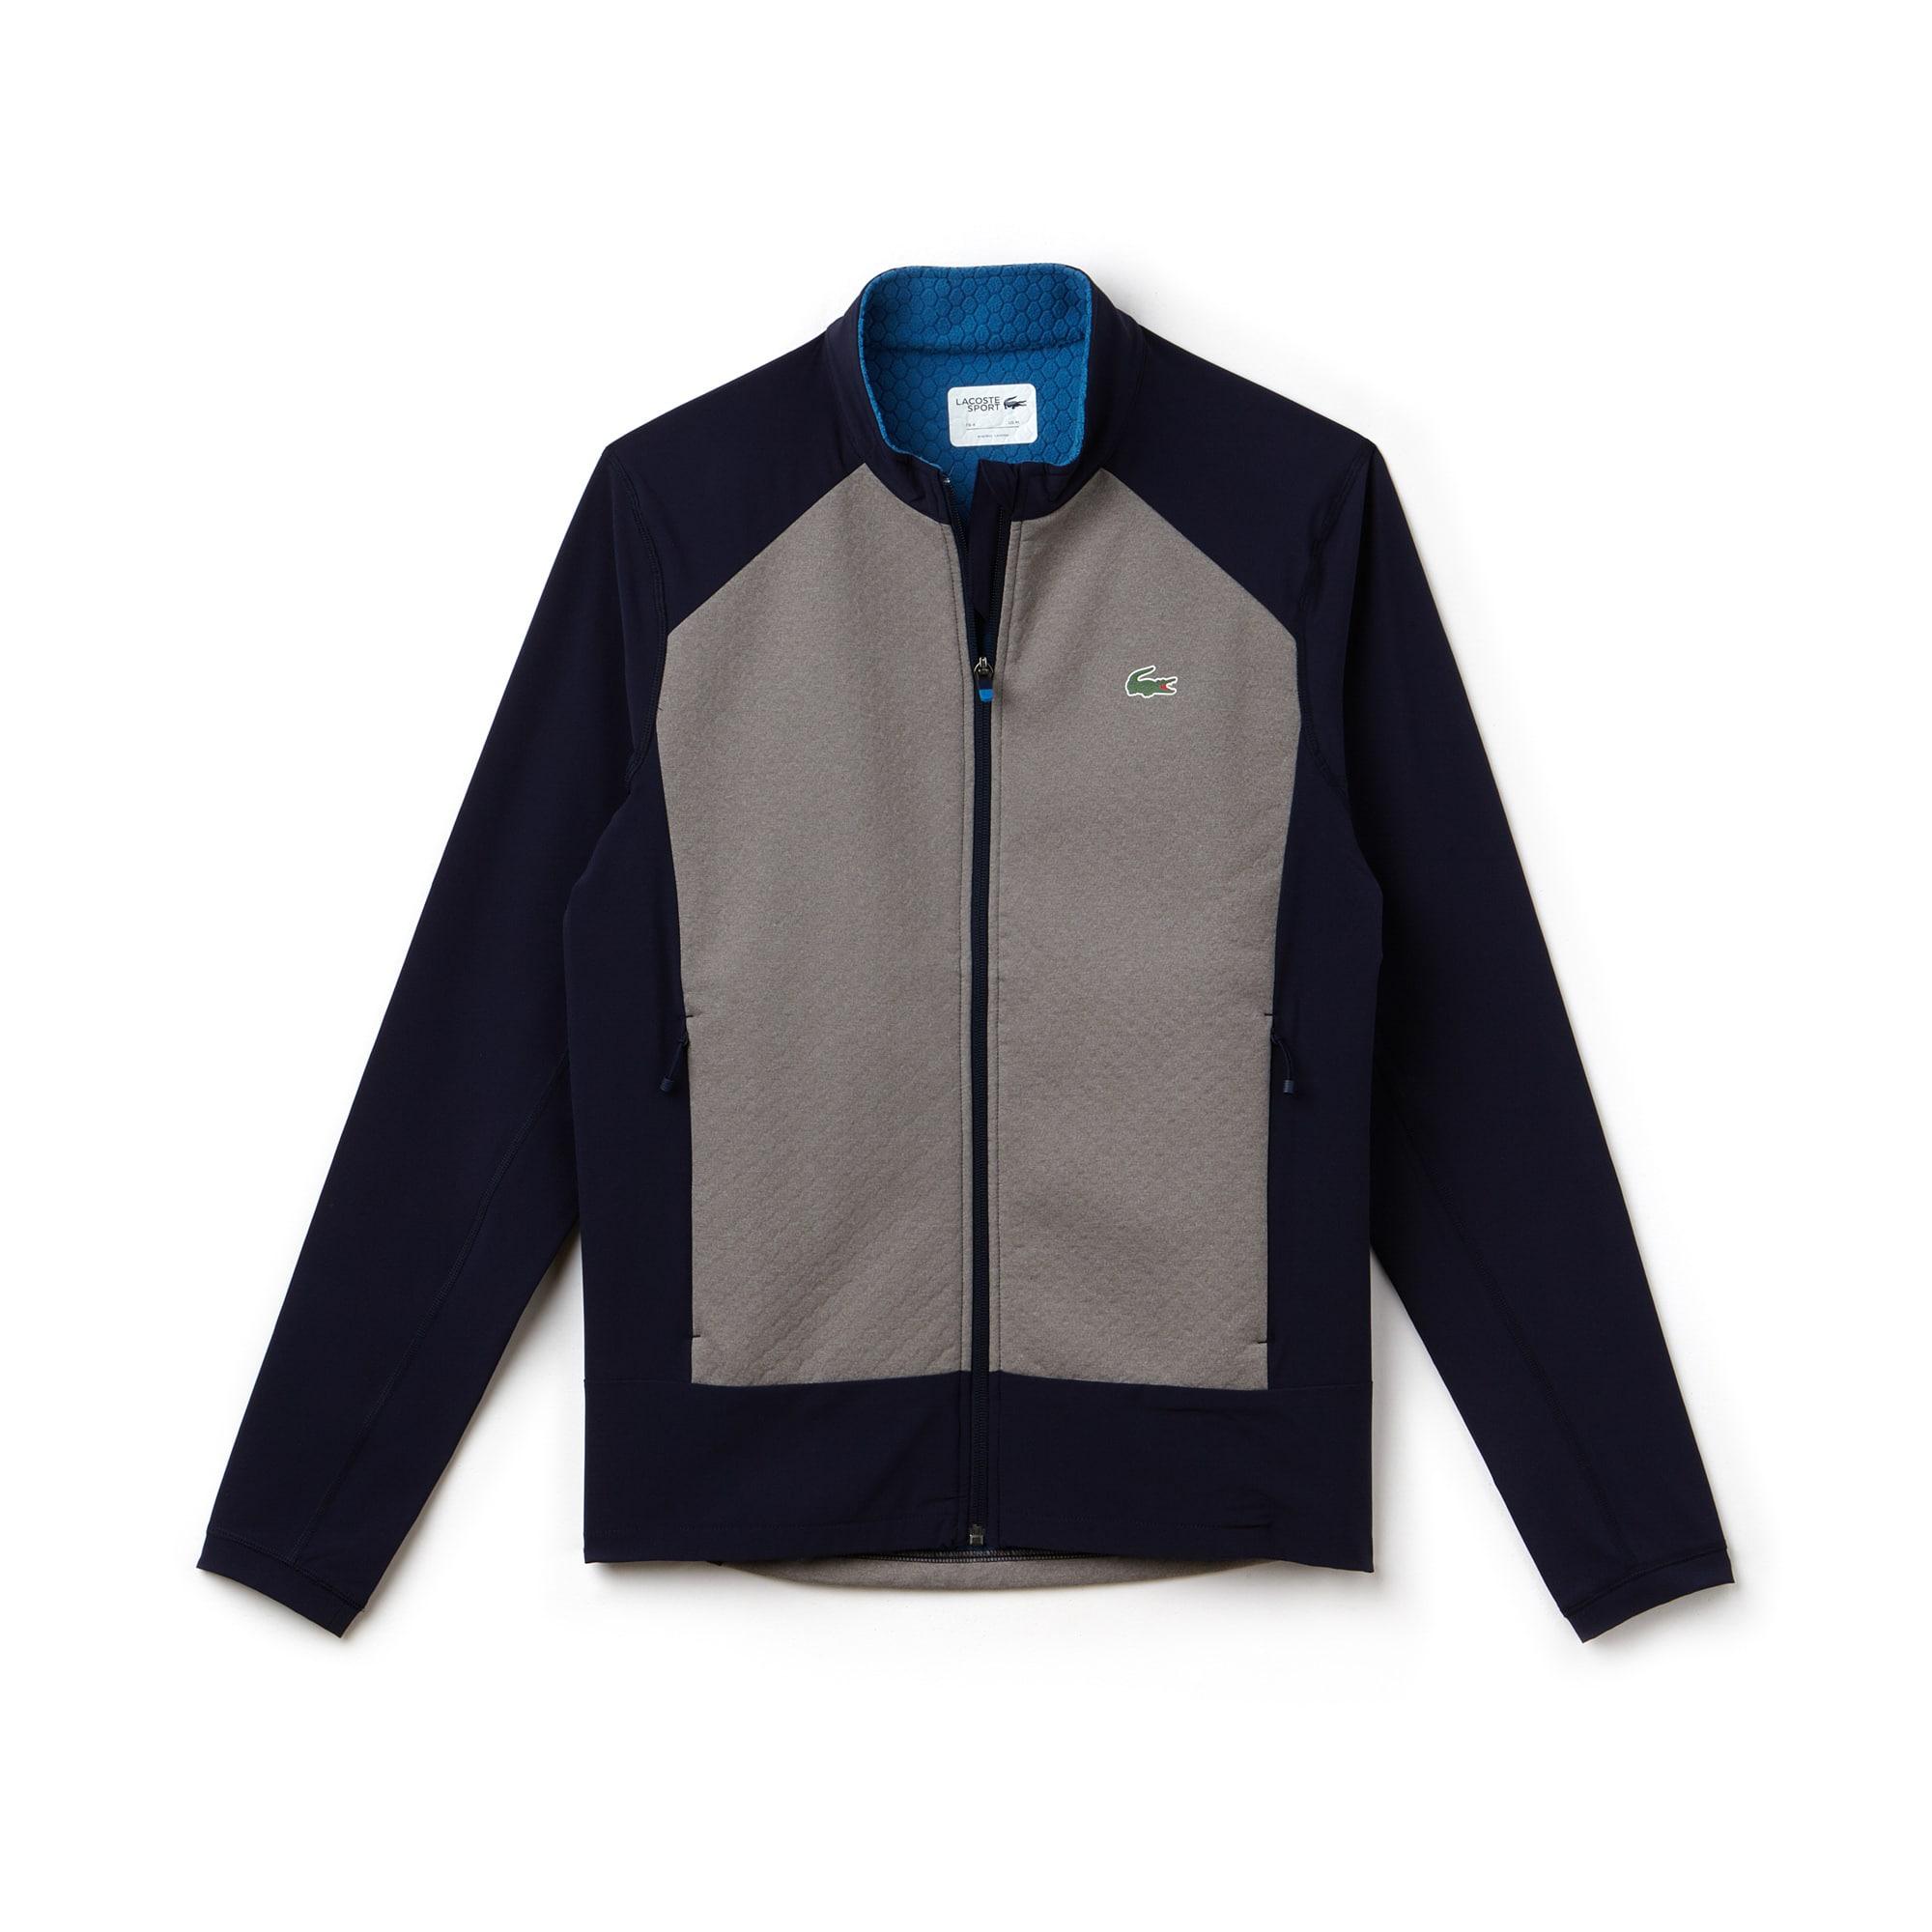 Herren LACOSTE SPORT wasserabweisendes Golf-Sweatshirt